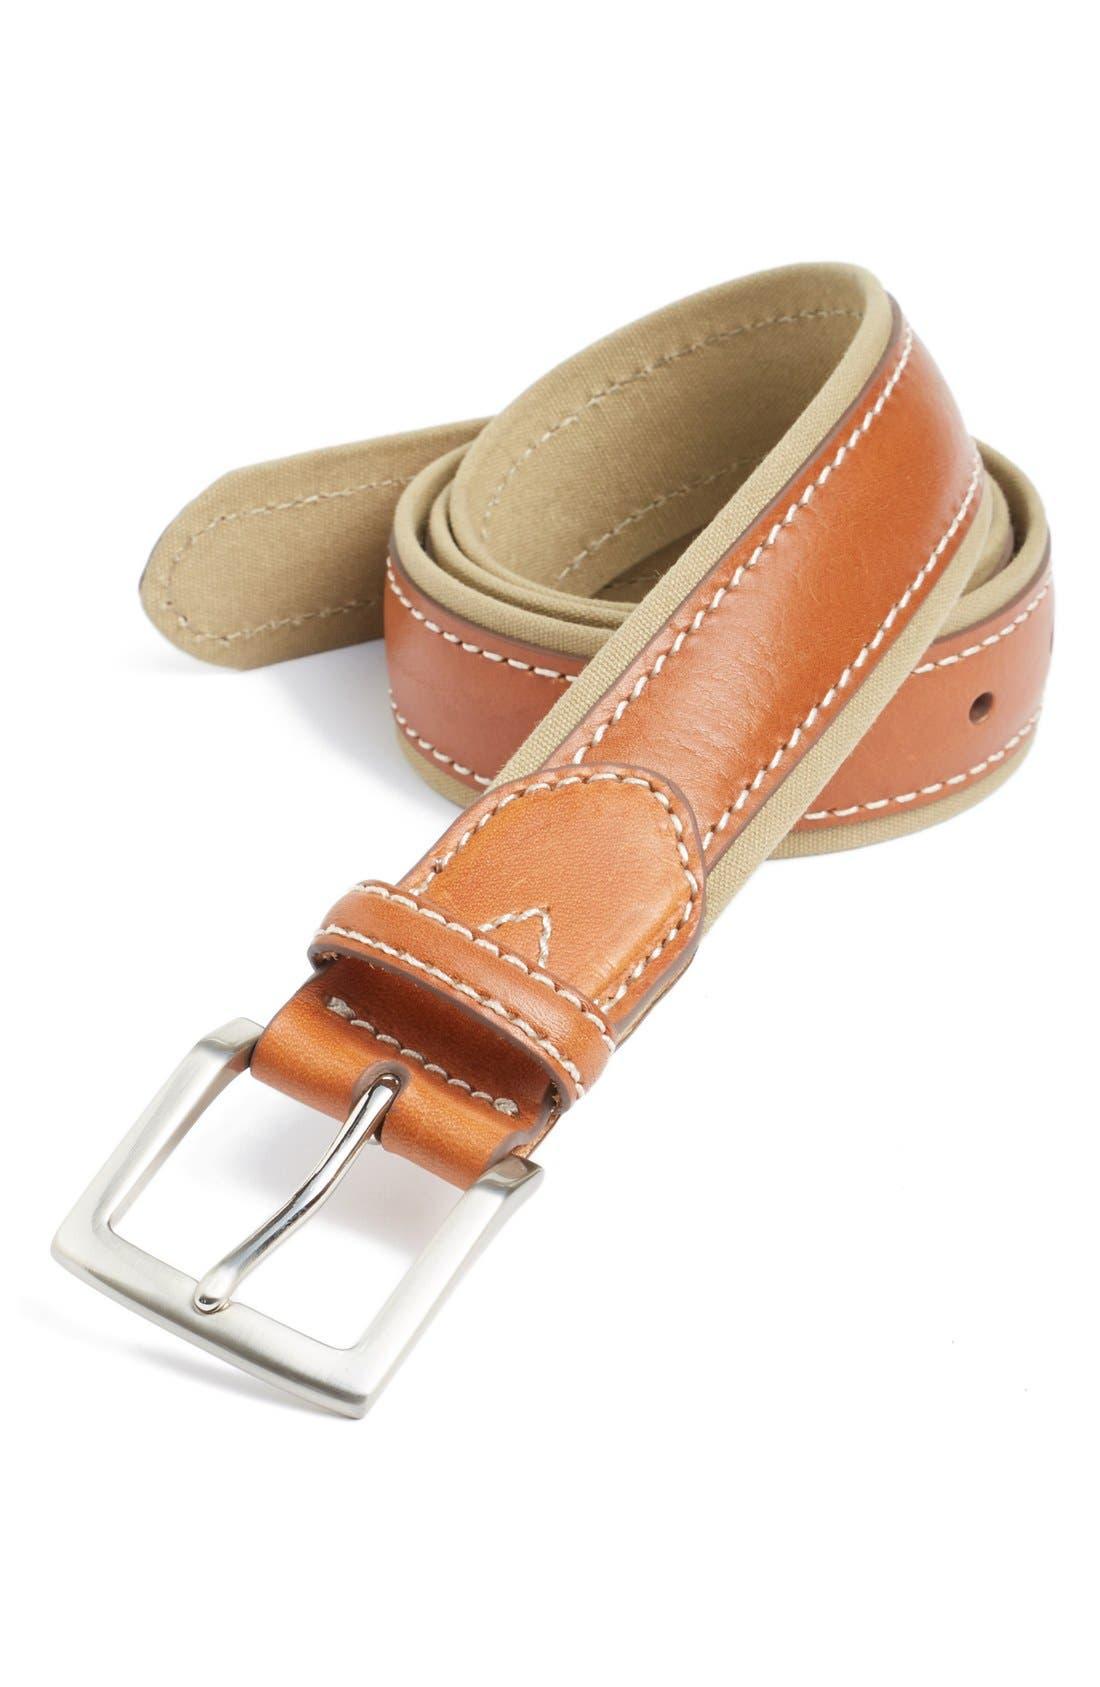 Main Image - Tommy Bahama 'Kayak' Belt